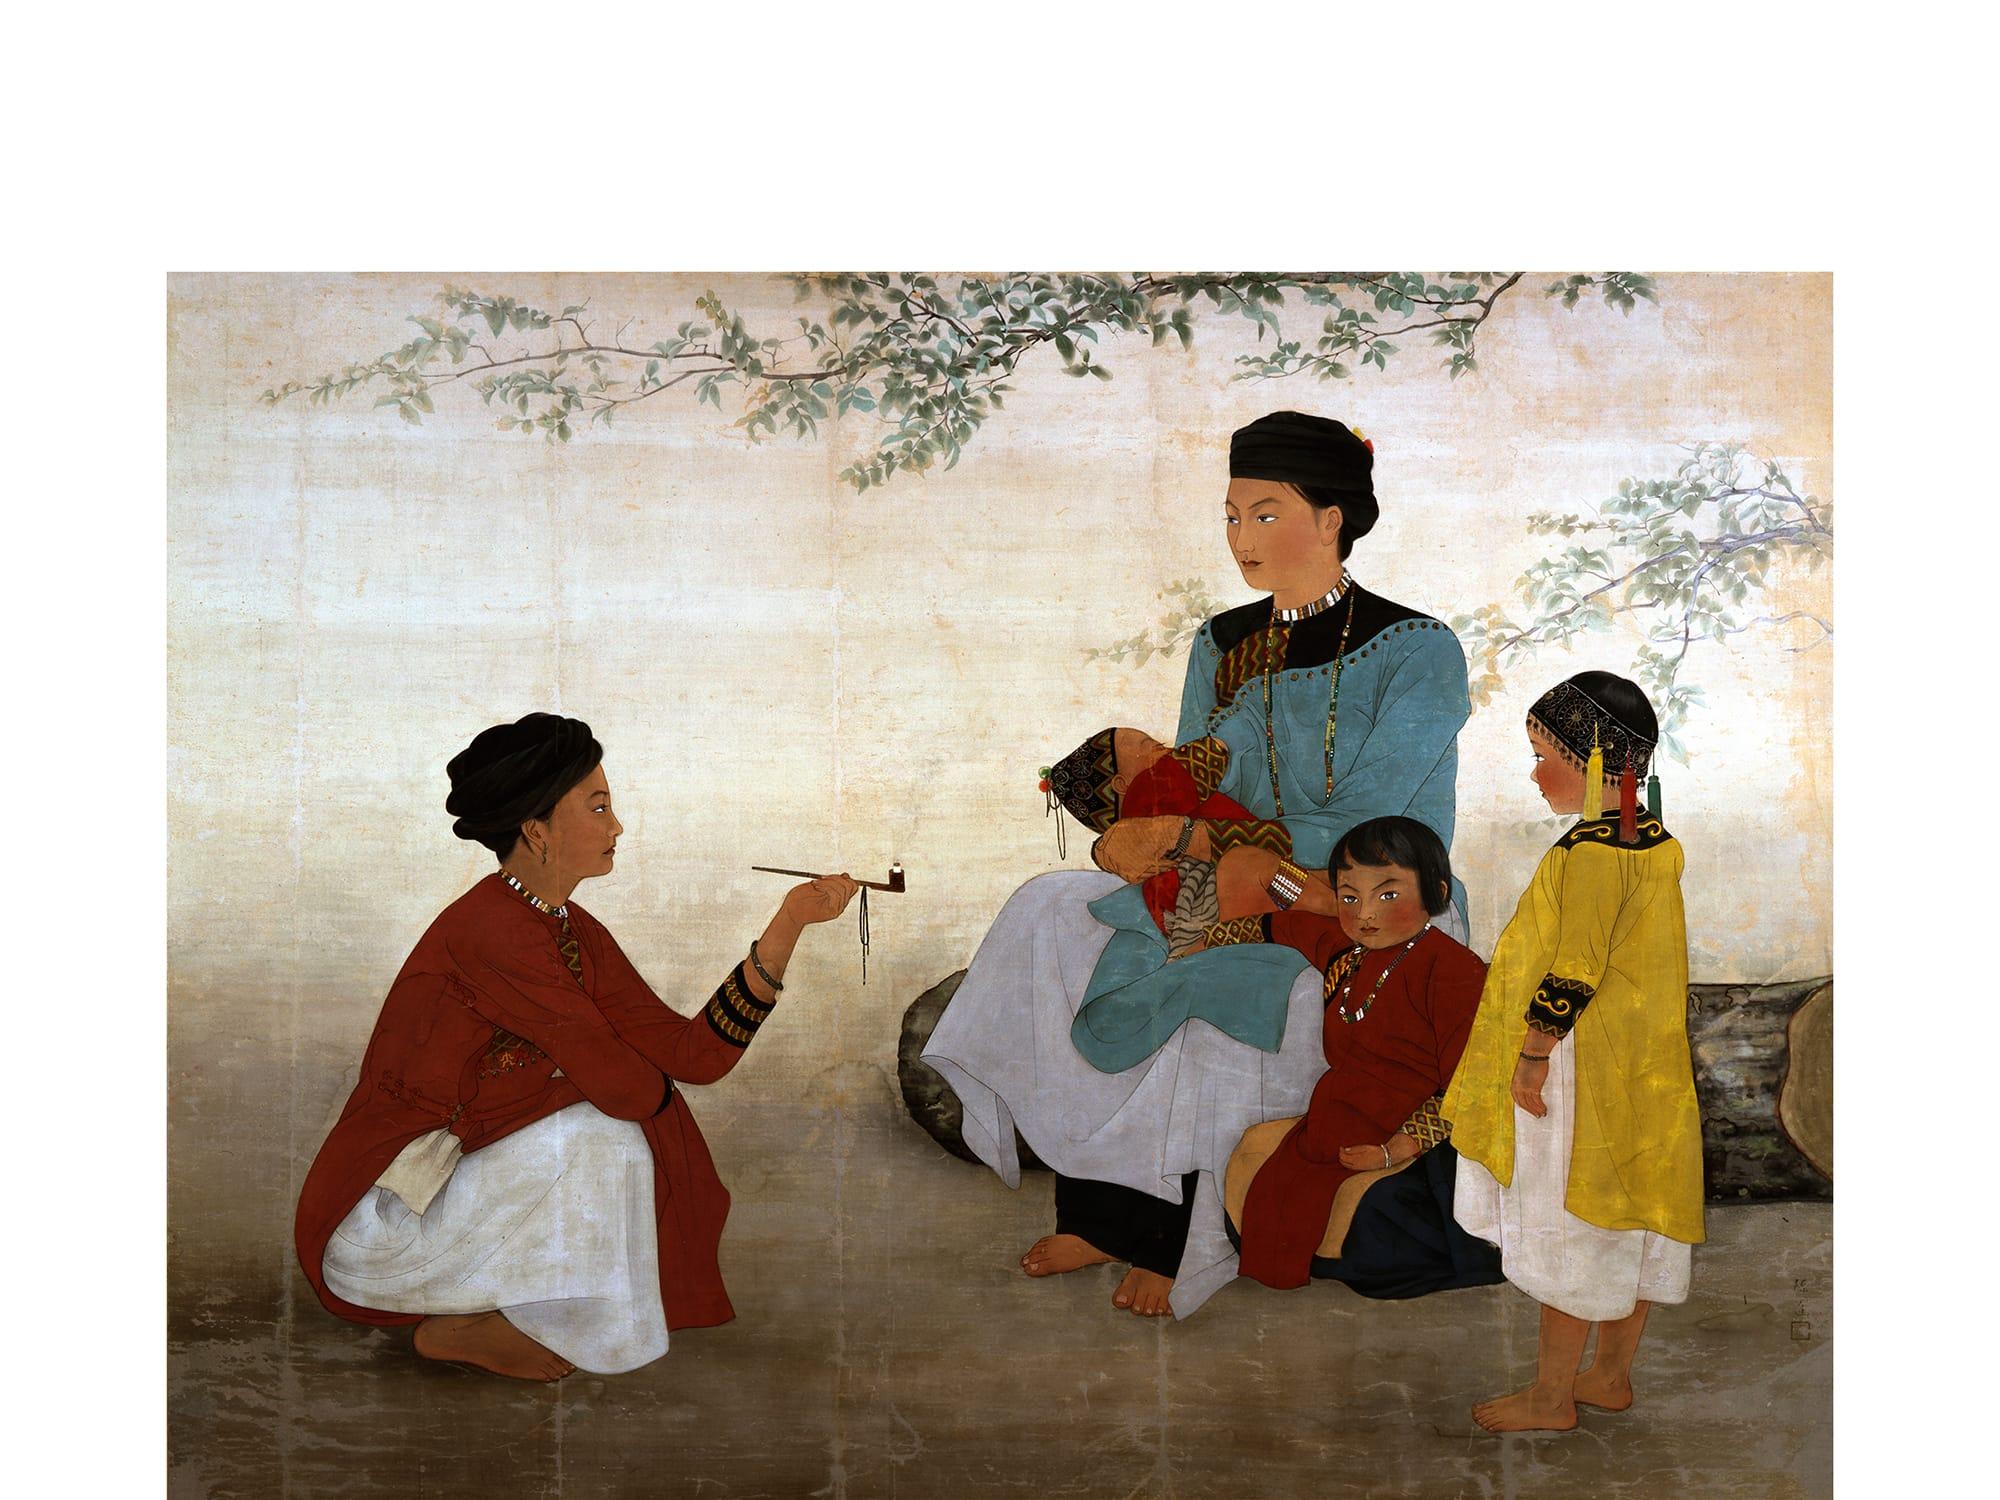 チェン・ジン(陳進)《サンティモン社の女》1936年、福岡アジア美術館蔵